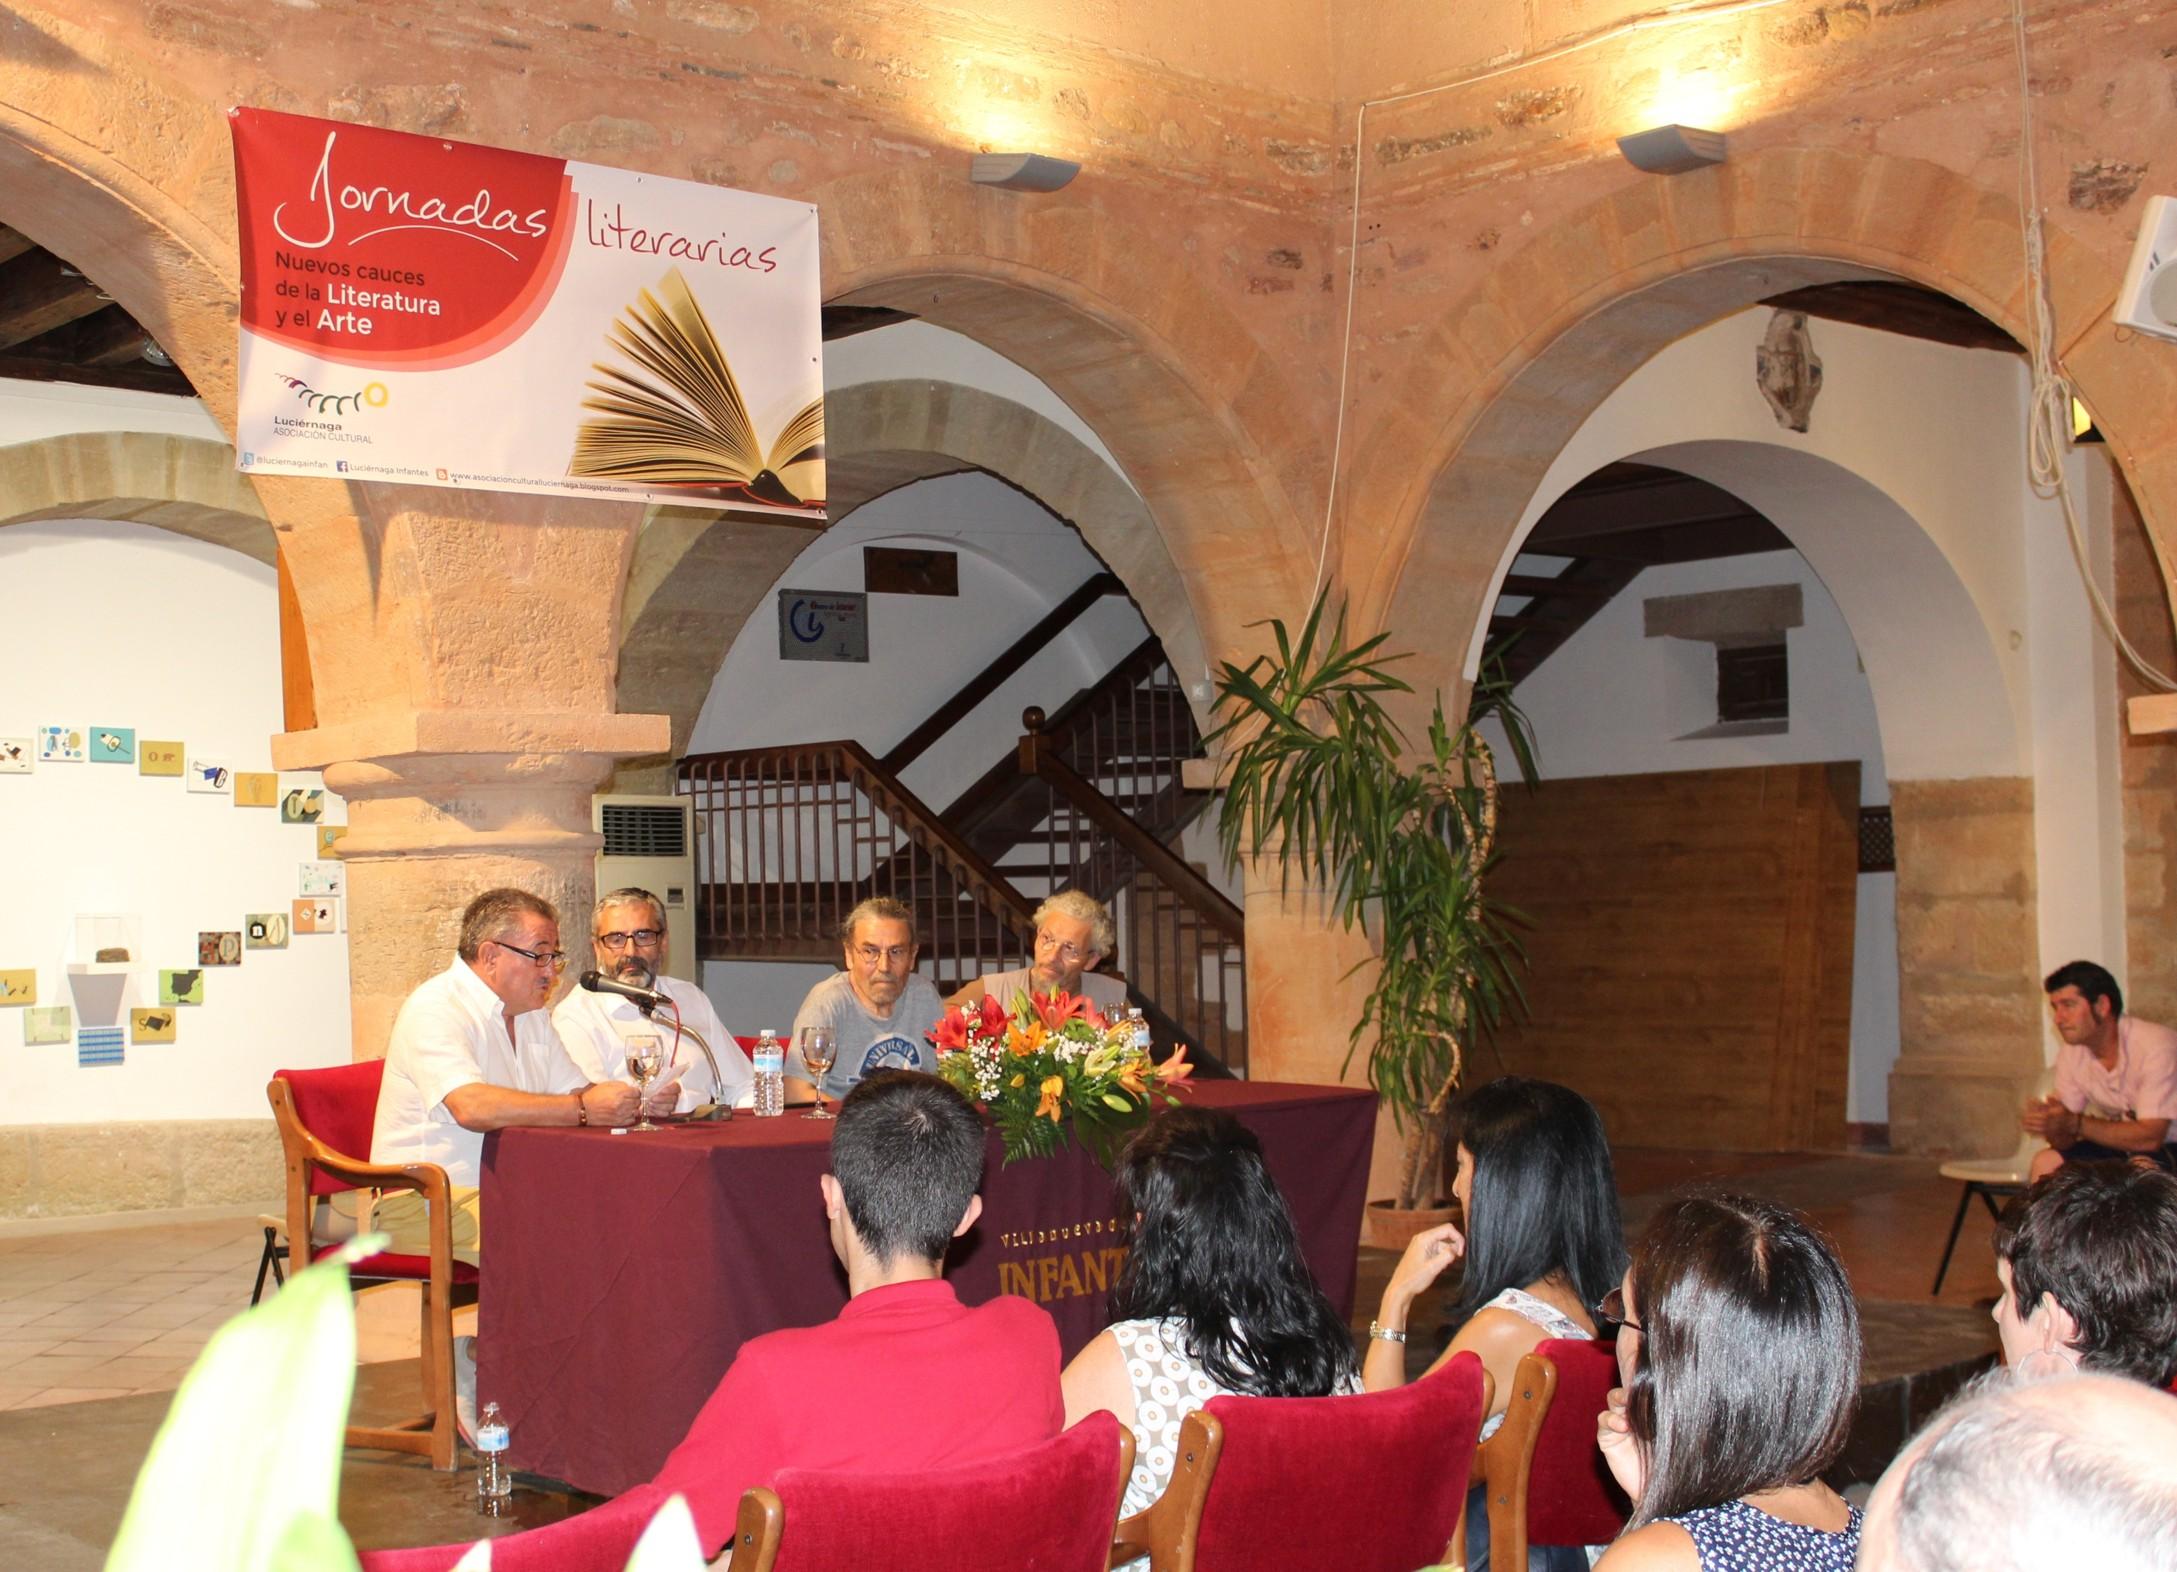 Con la exposición del artista Manuel Bouzo arrancan las XVII Jornadas Literarias